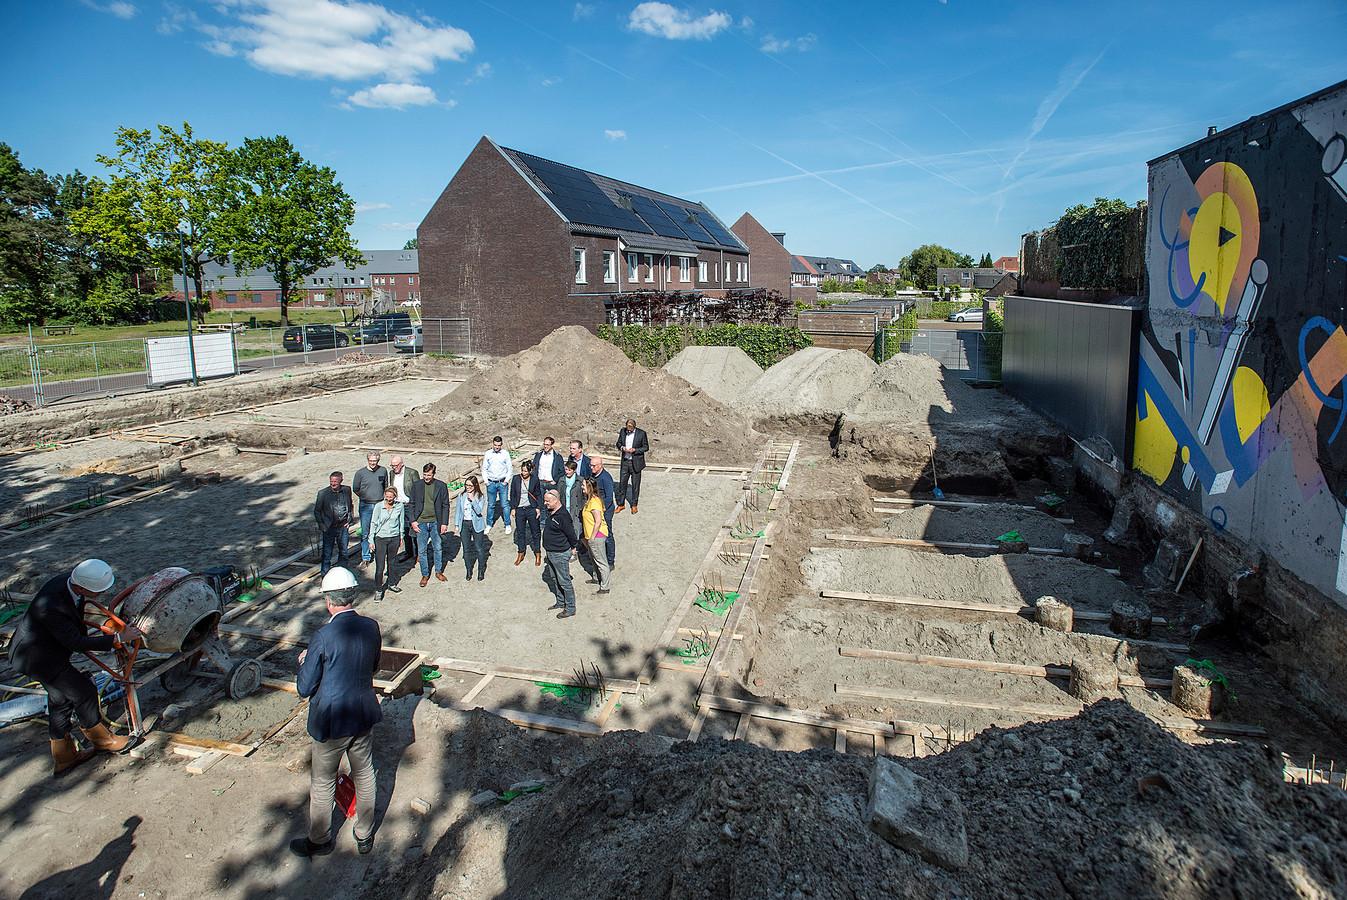 Sociale woningbouw, zoals hier in de Bredase buurt De Driesprong, is bittere noodzaak. Er is een groot tekort aan huurwoningen.